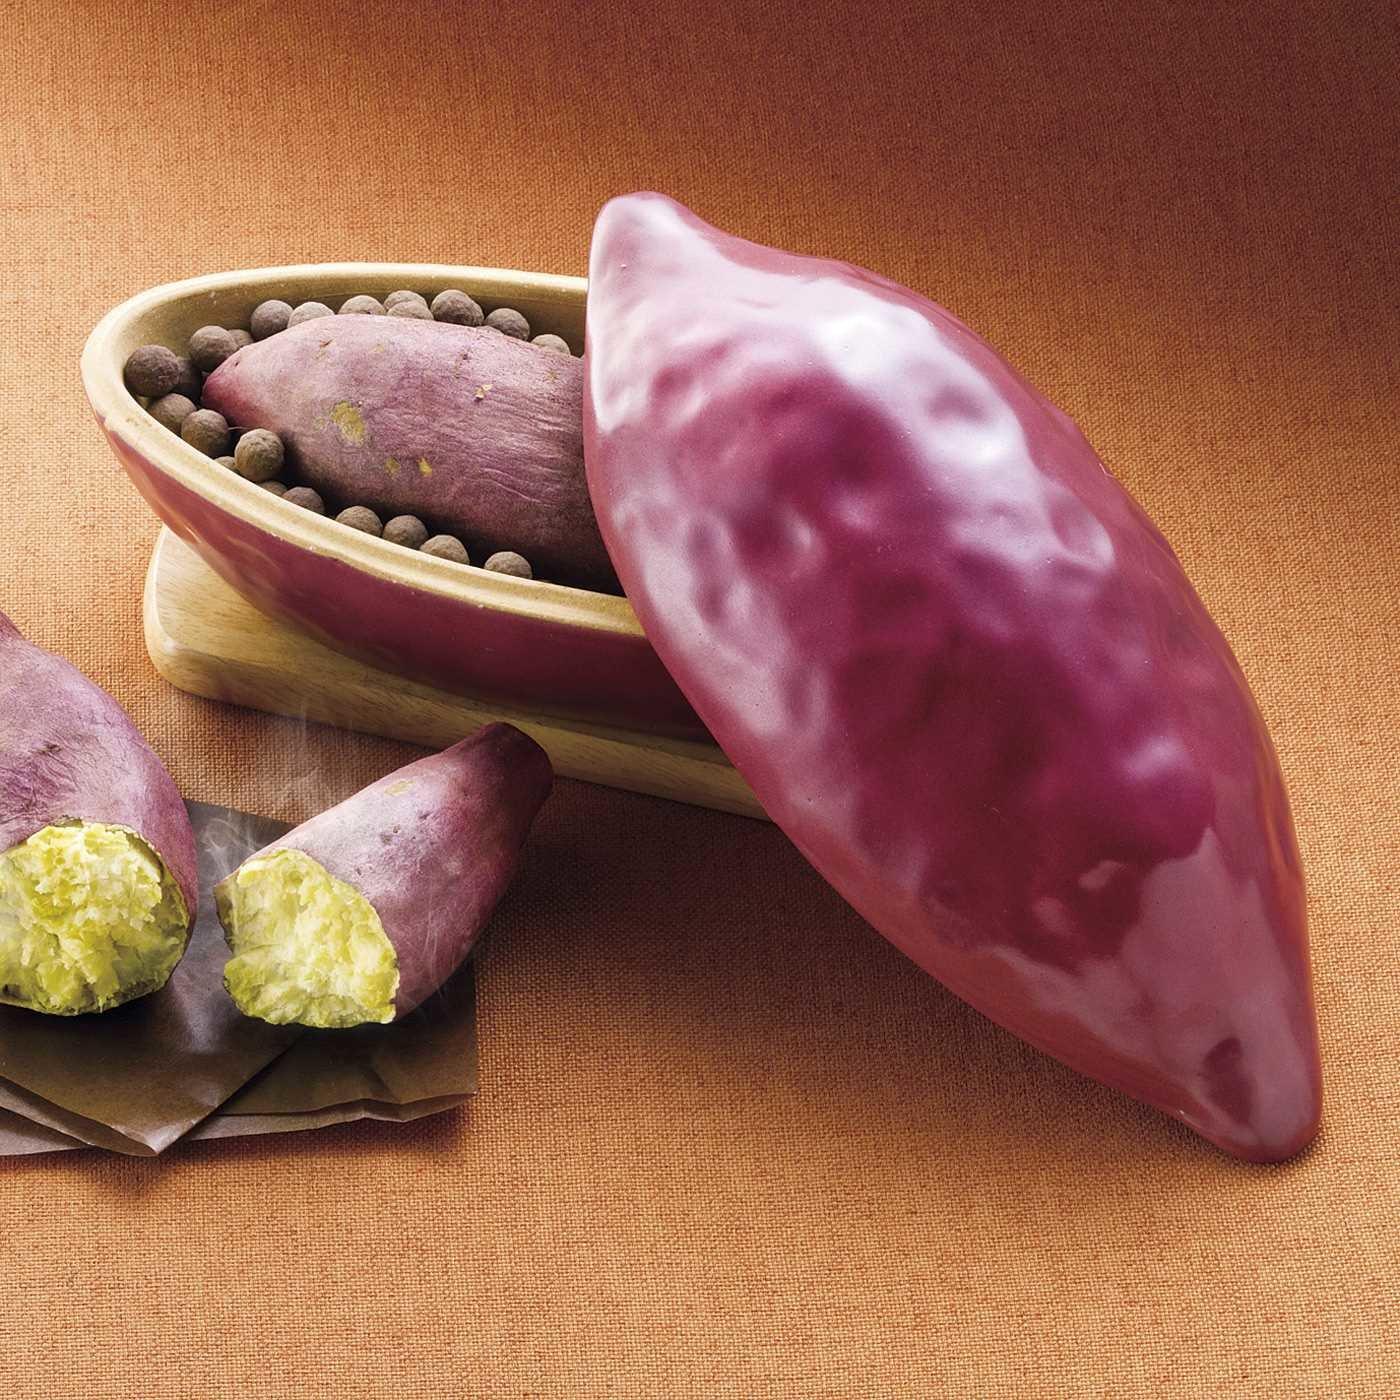 食べたくなったらすぐできる 電子レンジで簡単調理 魔法の焼き芋鍋